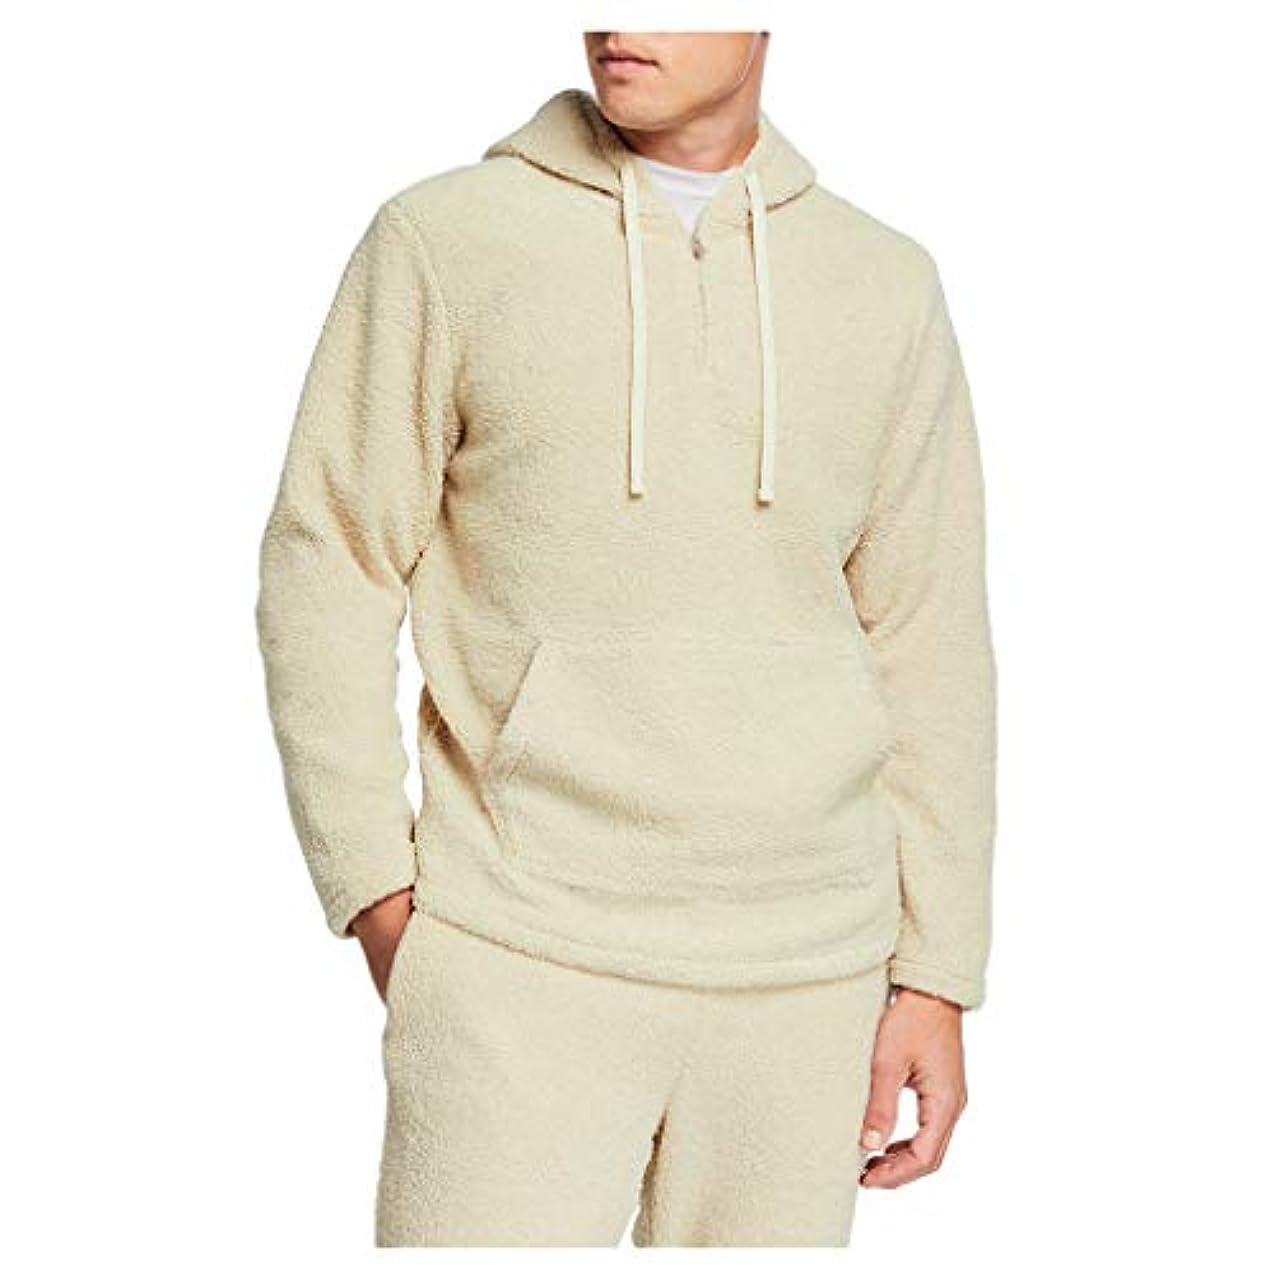 コークスめんどりコンテンポラリーハイネック セーター 韓国 ファッション 冬 長袖 メンズ メンズ セーター クルーネック ニットセーター グラデーション カットソー トップス カジュアル 無地 丸首 ストリート アウトドア ゆったり 中厚